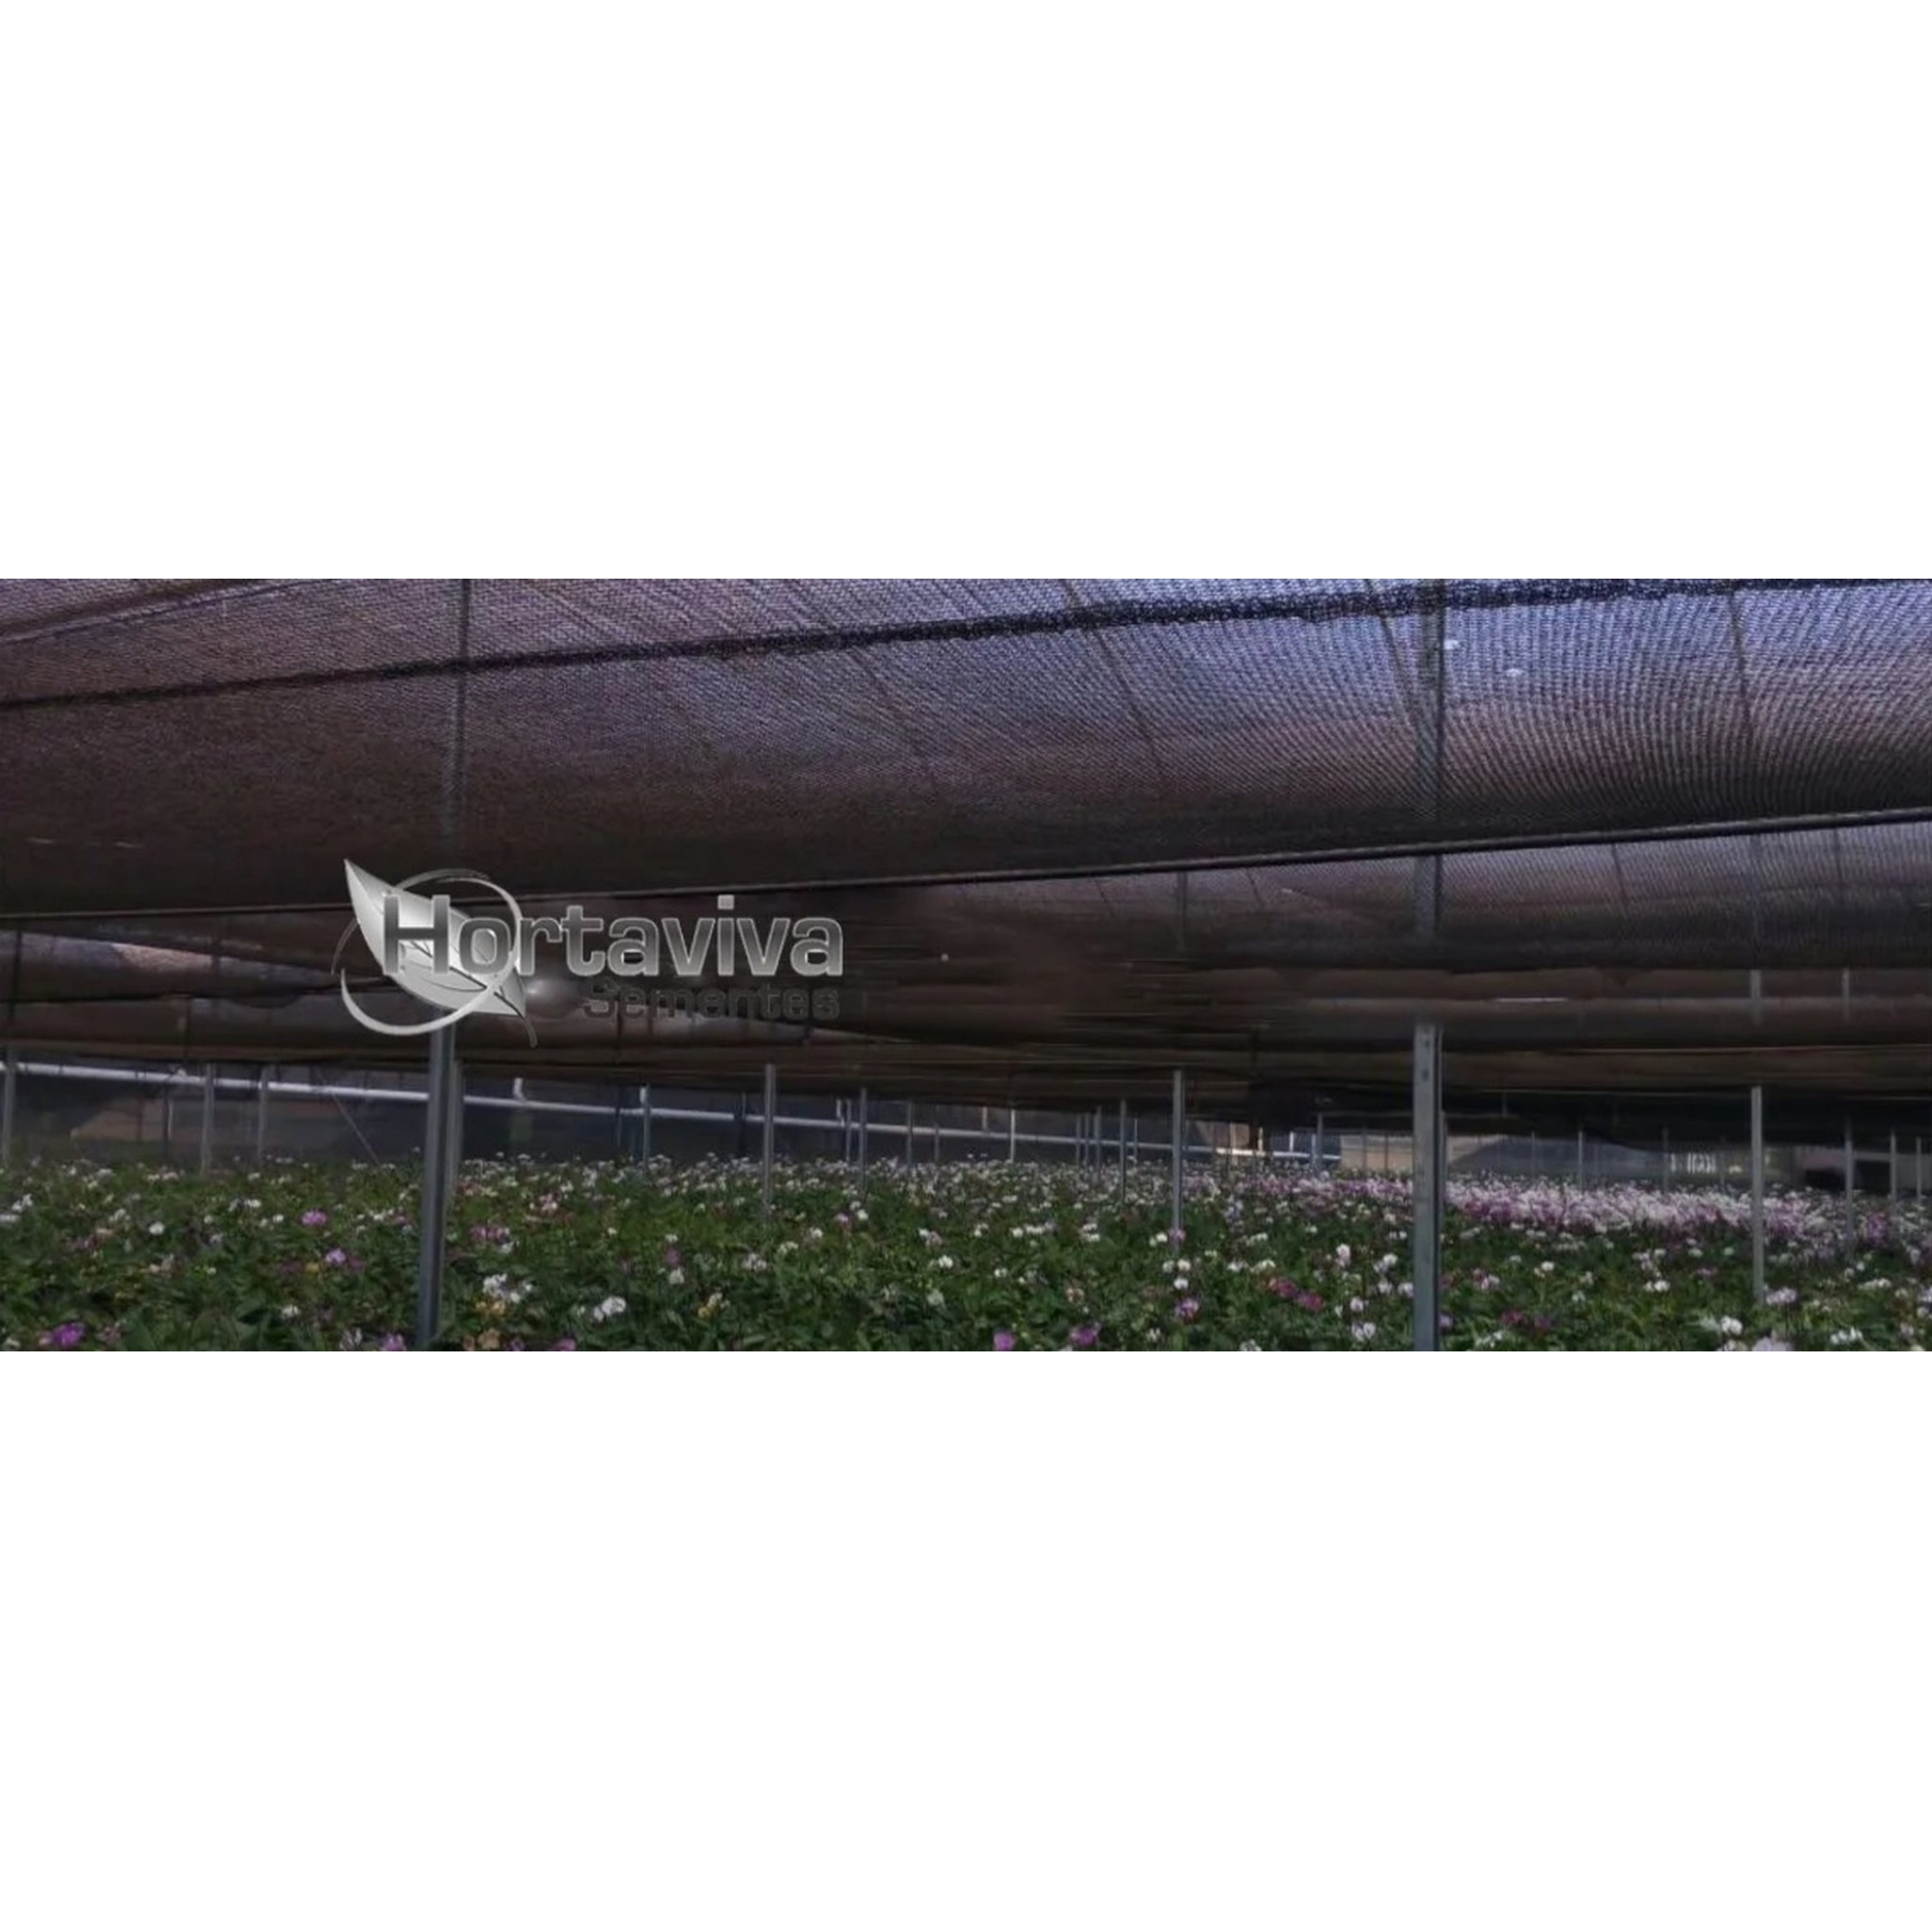 Tela de Sombreamento Preta 50% - 15 Metros x 45 Metros